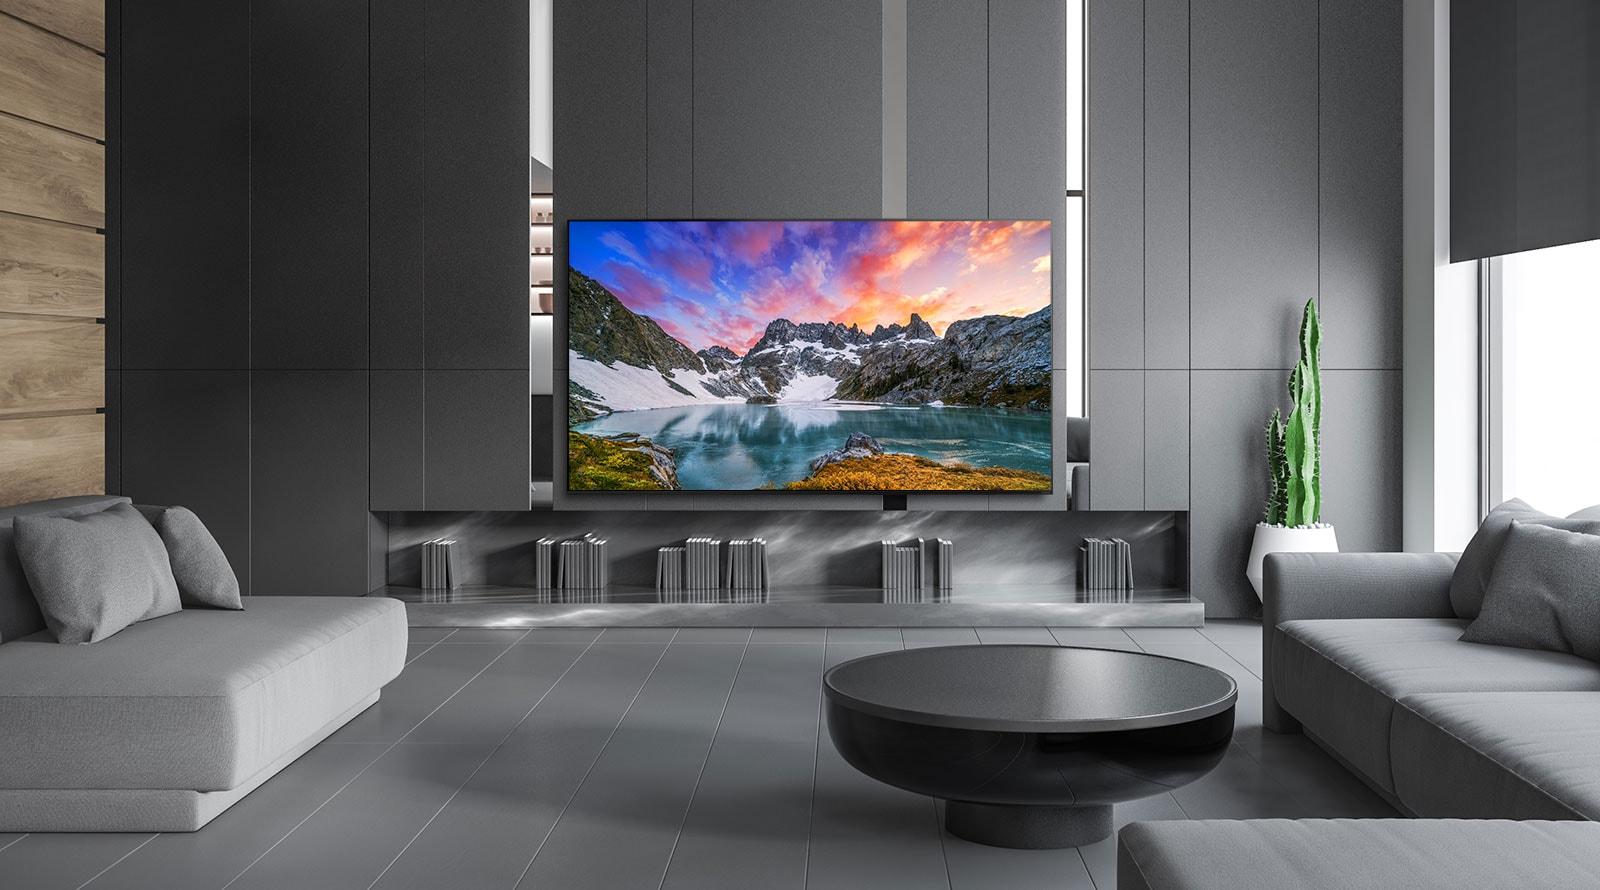 Televízor v luxusnom dome zobrazujúci prírodu v úrovni očí